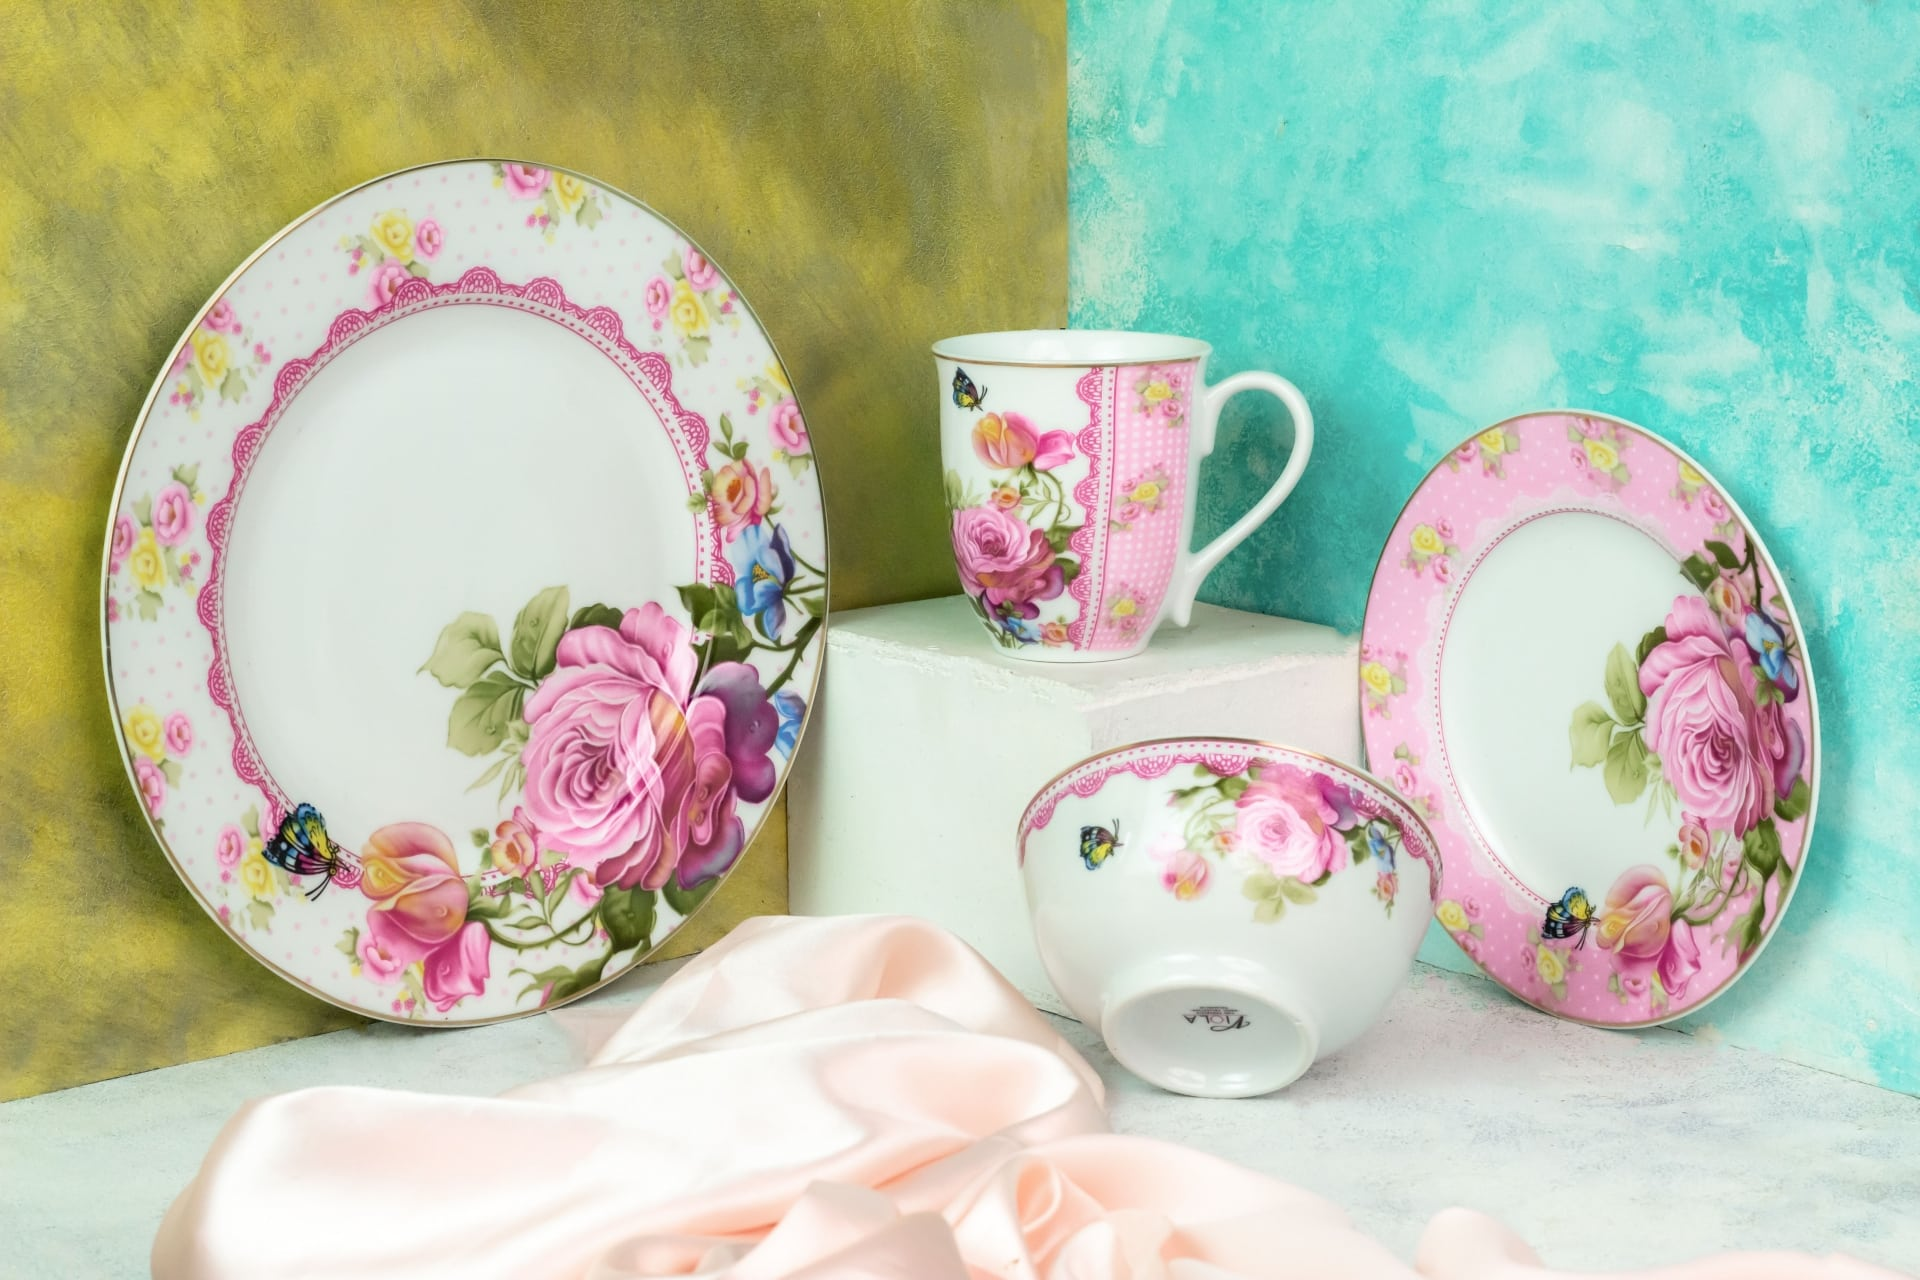 Viola Butterfly Bloom Porcelain Dinner Set of 4